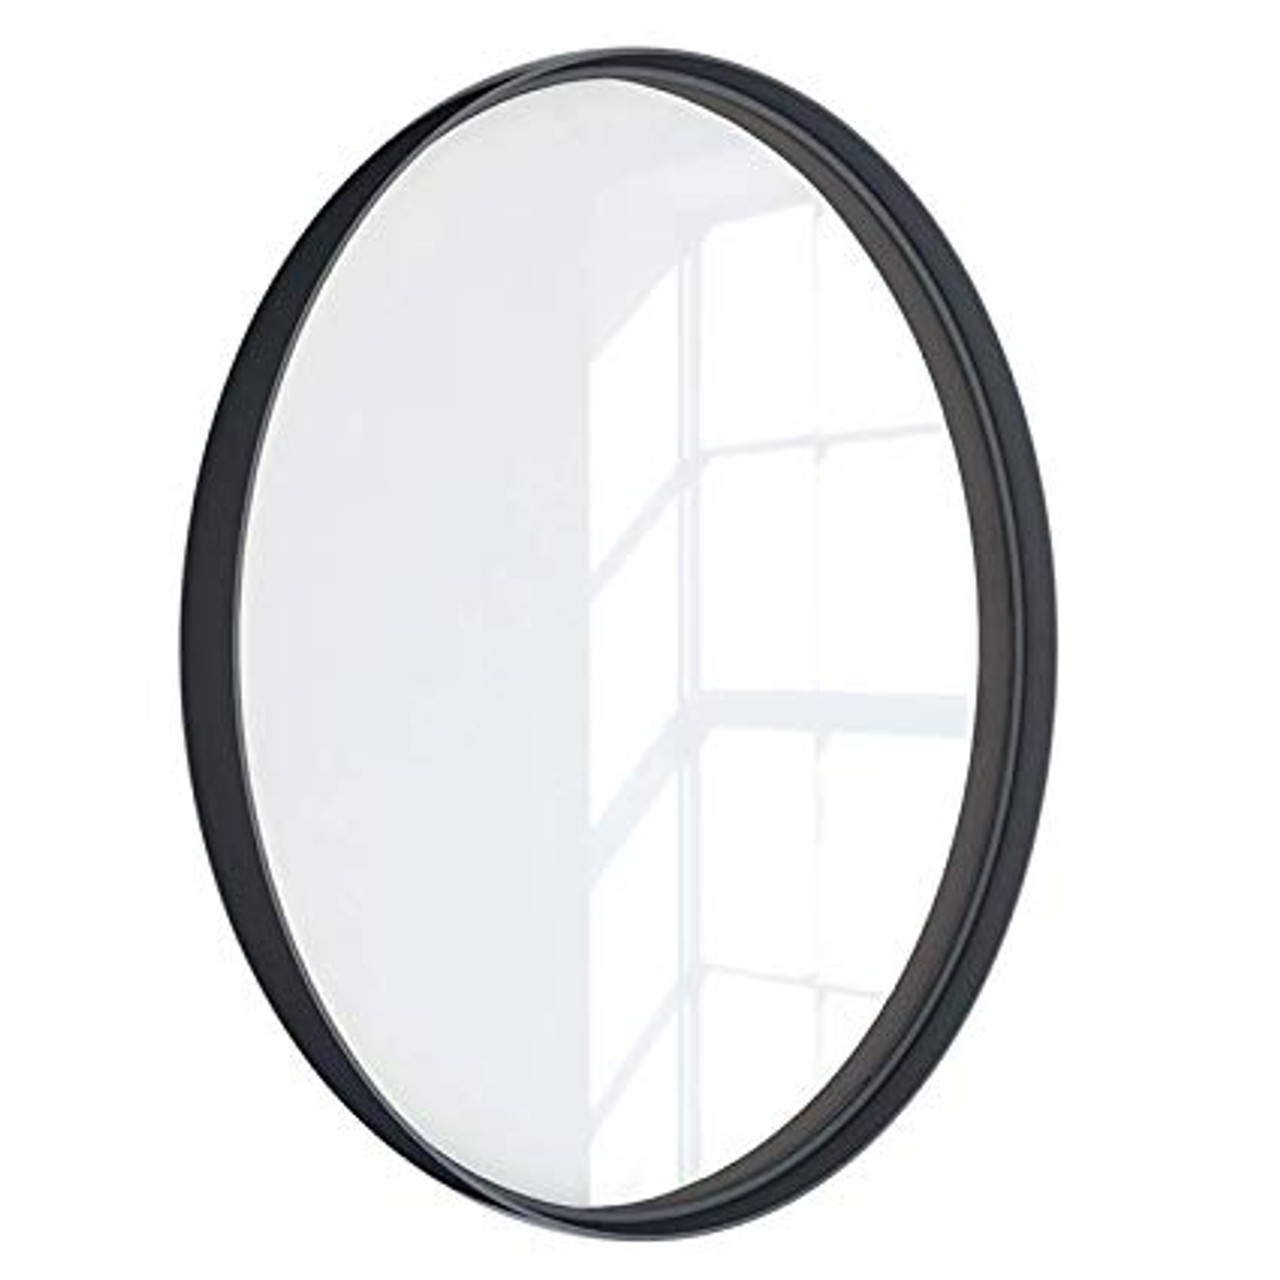 Kende 24 Round Metal Framed Mirror Black Diameter 24 York Taps